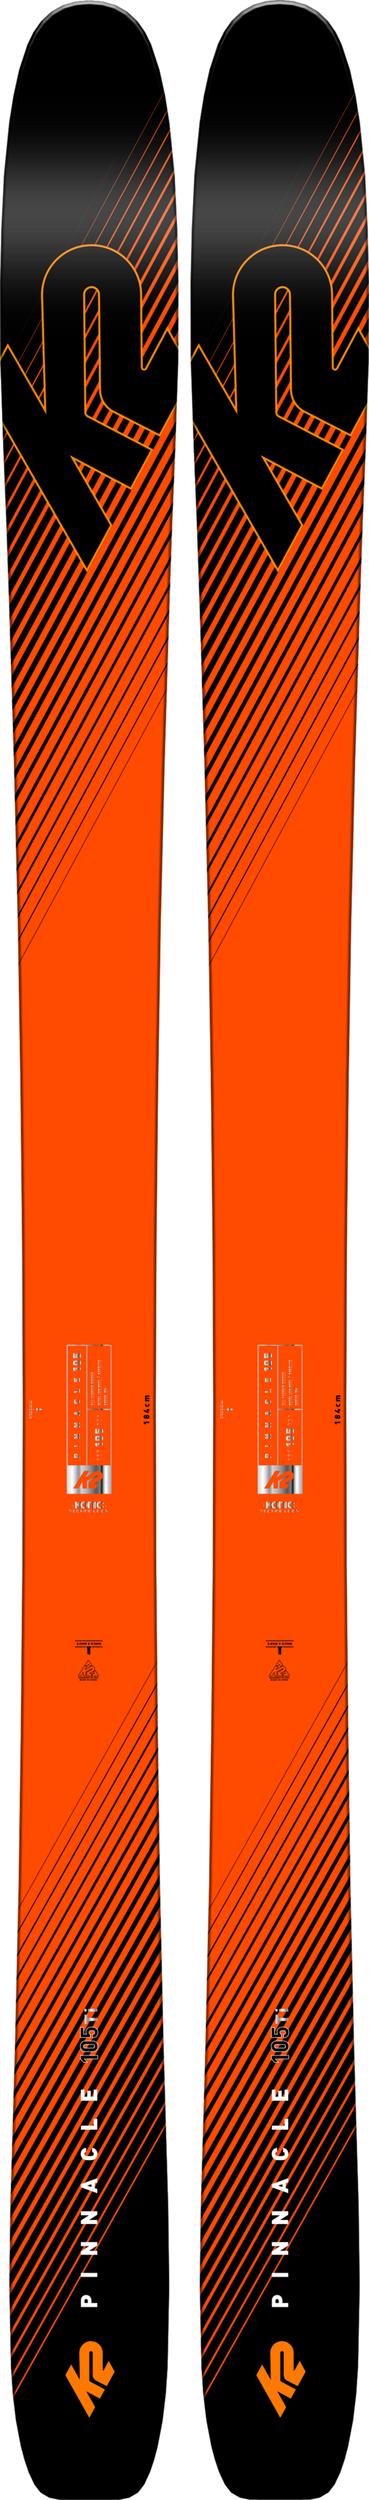 K2 Pinnacle 105Ti Skis 2019